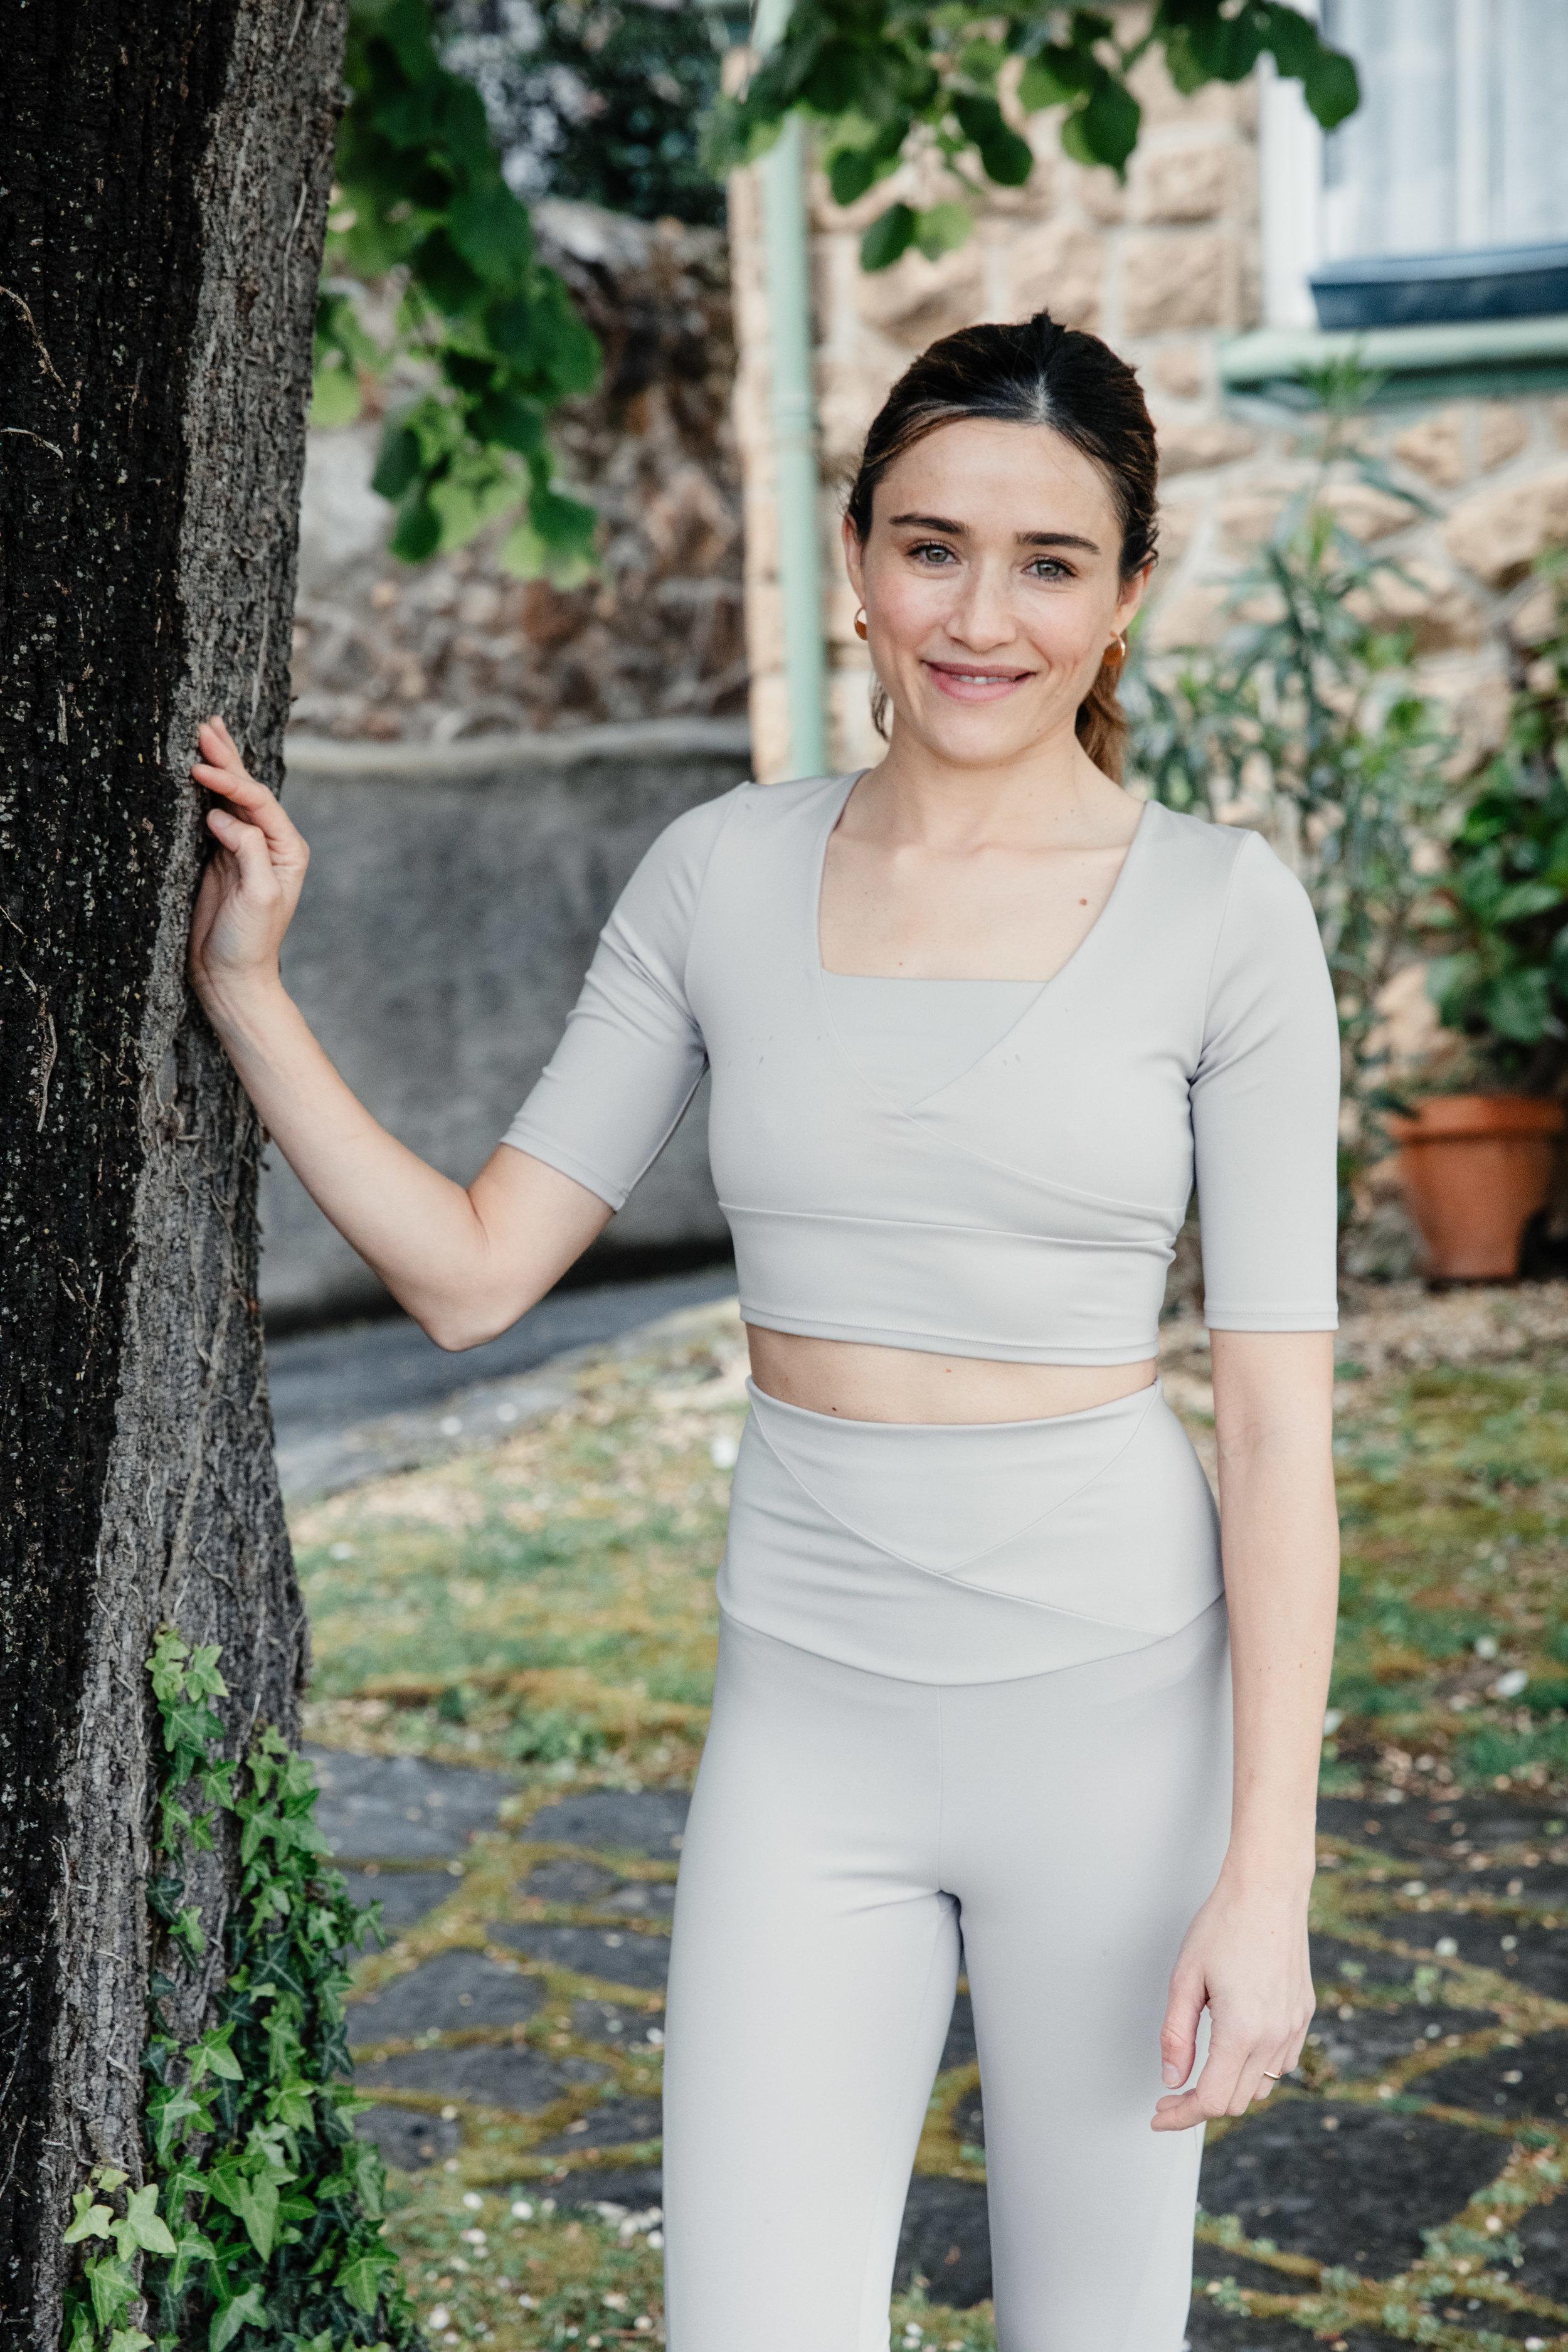 Kat Webster Yoga